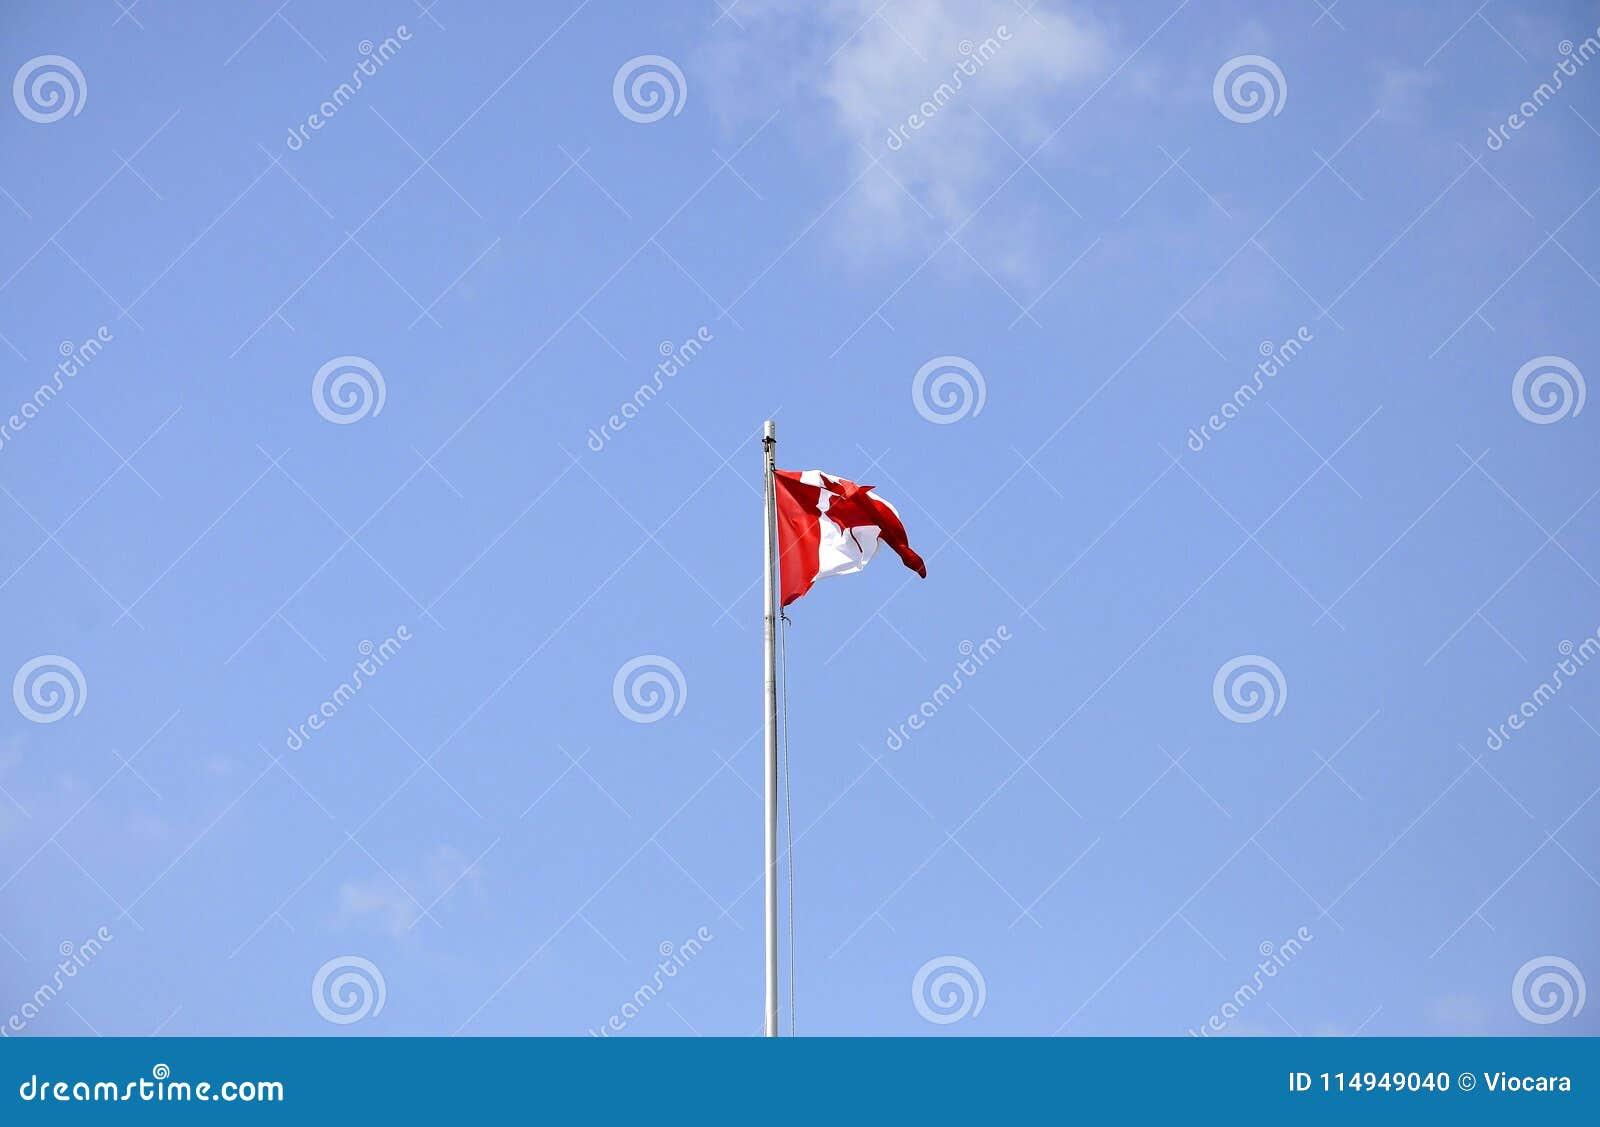 Bandera canadiense en el viento